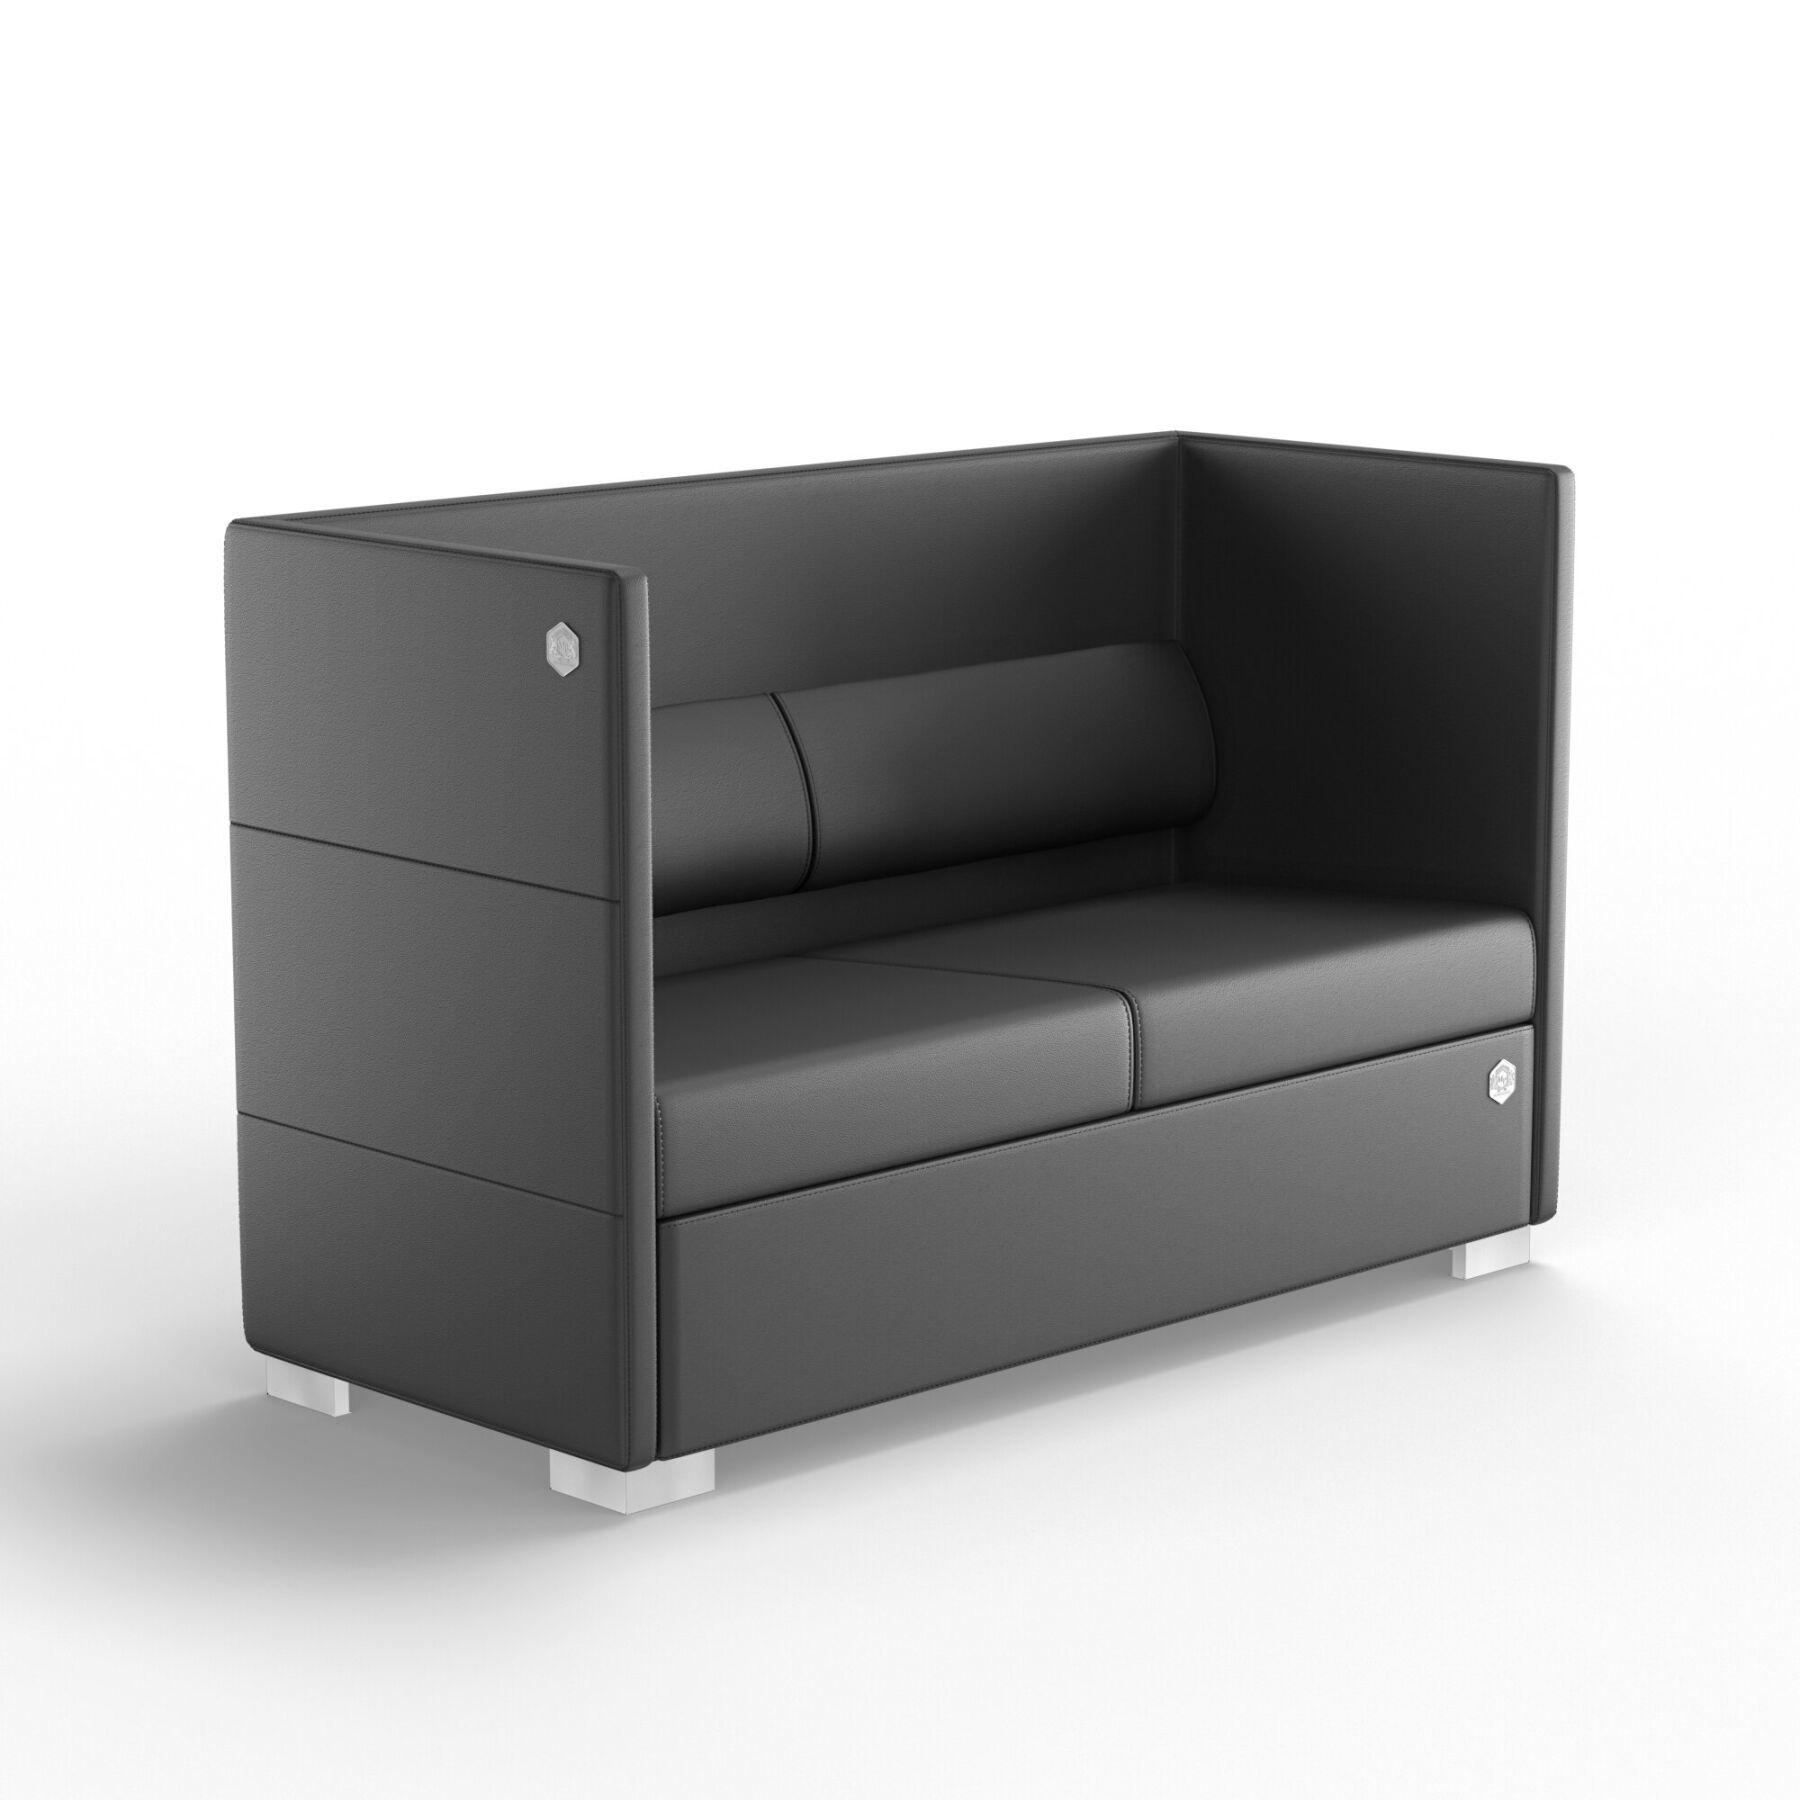 Двухместный диван KULIK SYSTEM CONFERENCE Кожа 2